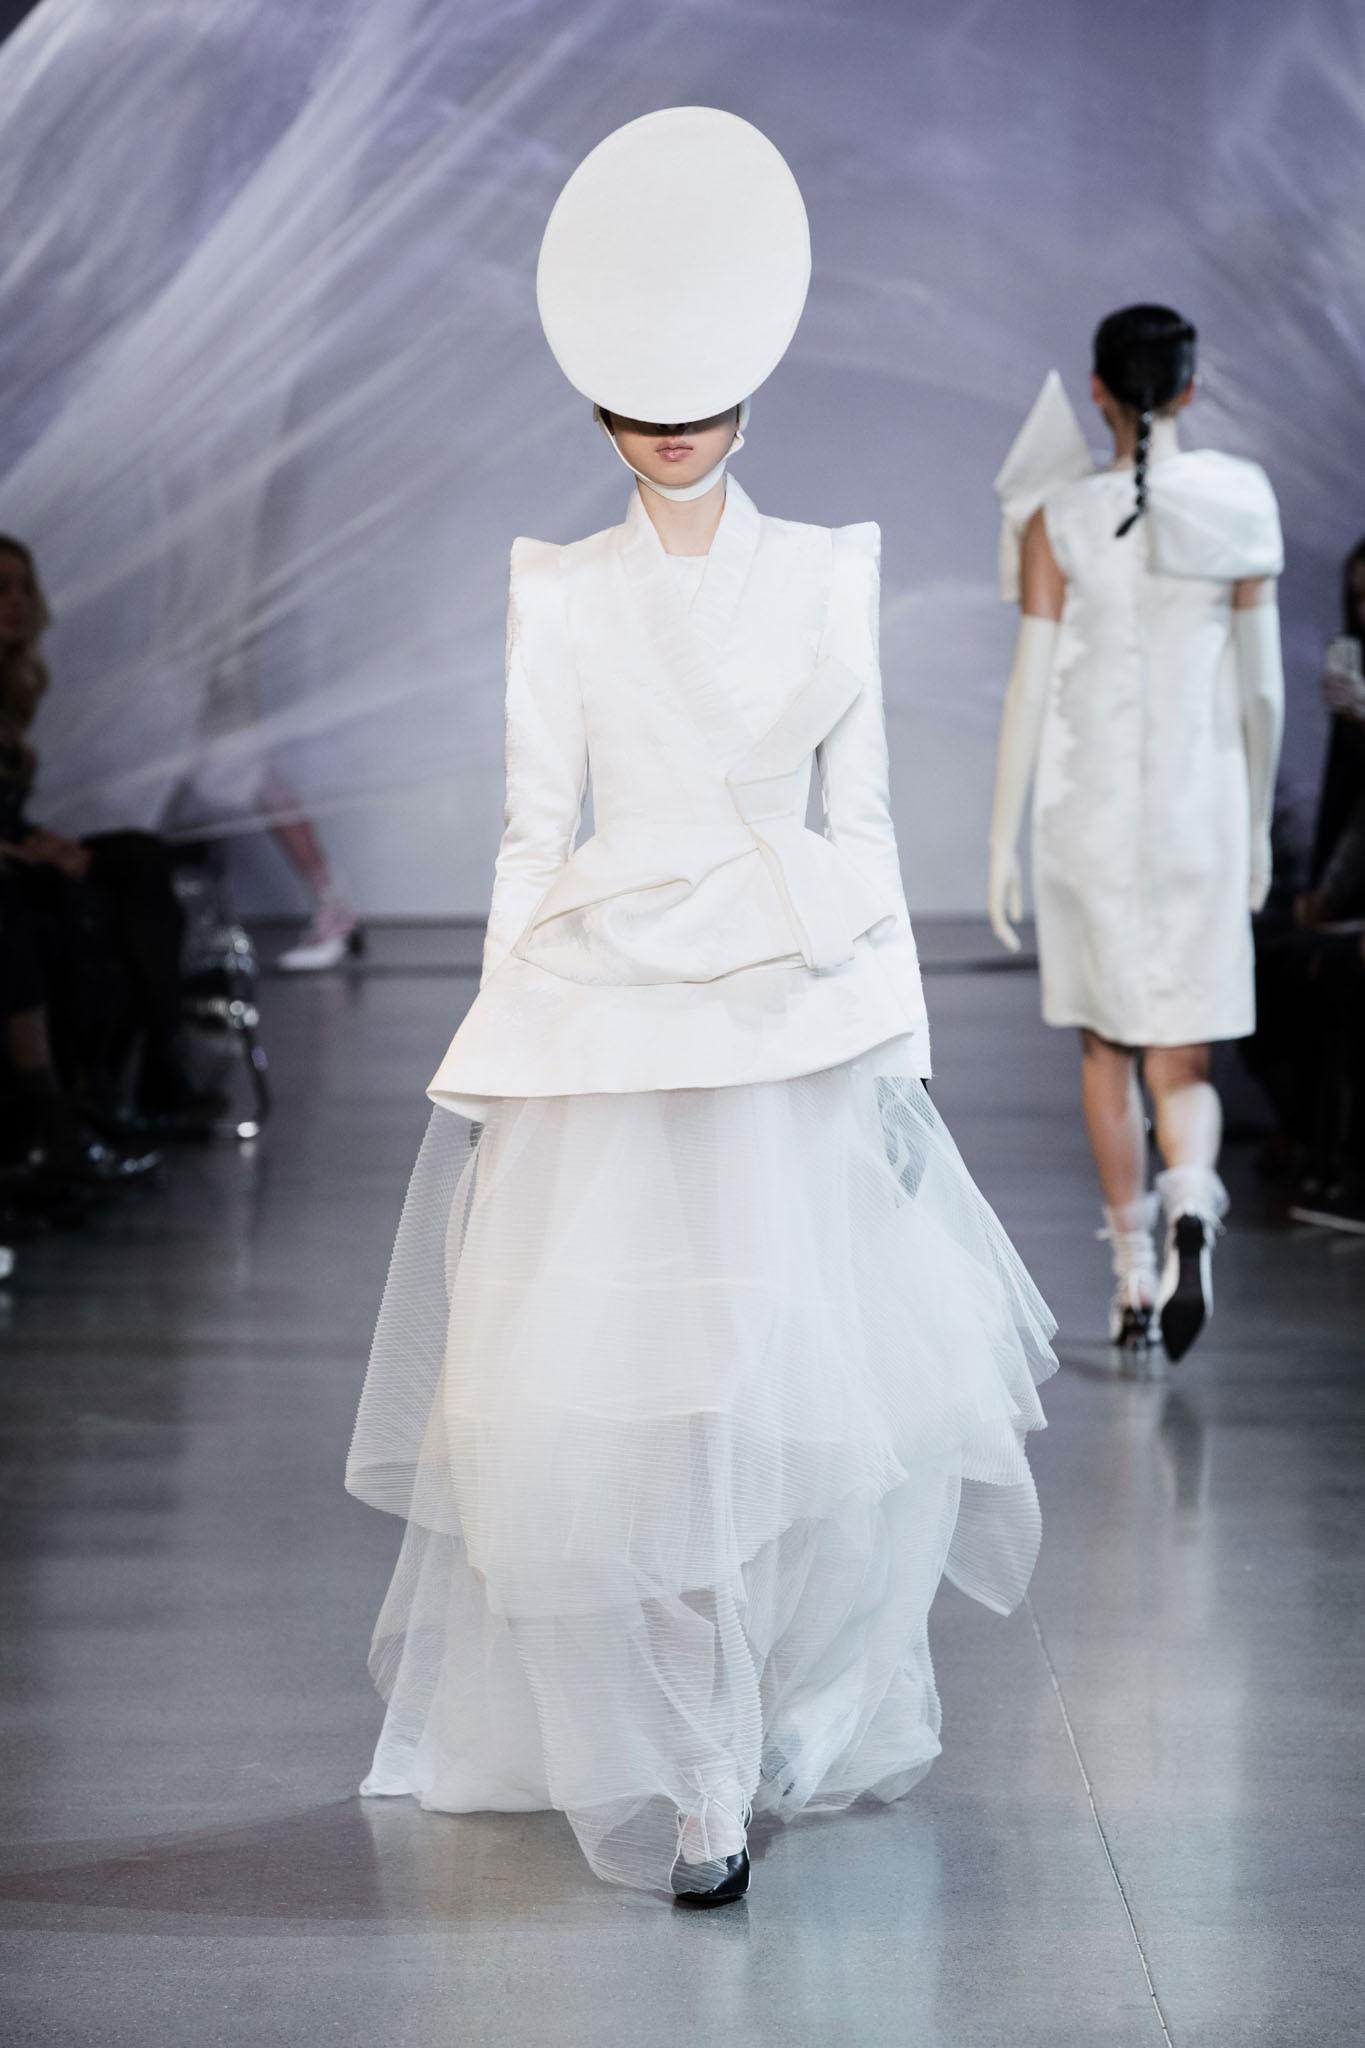 VOGUE Mỹ, VOGUE Tây Ban Nha và hàng loạt tạp chí thời trang thế giới đồng loạt đưa tin về show diễn PHUONG MY tại NYFW - Ảnh 10.